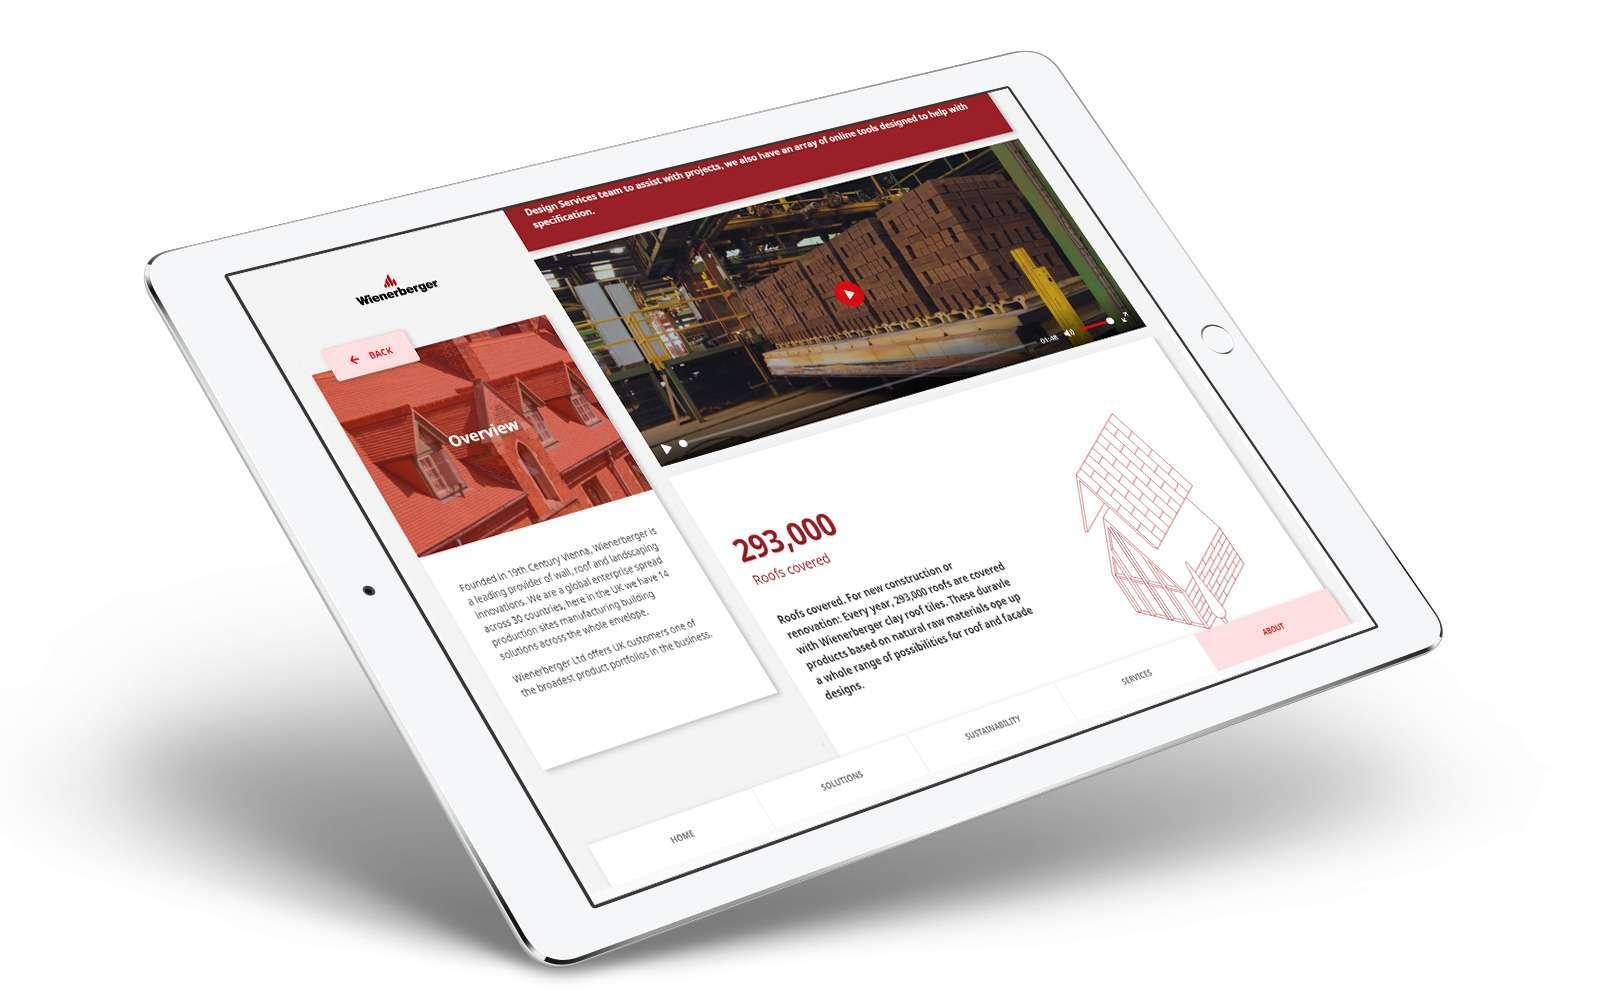 Wienerberger sales enablement app displayed on white iPad